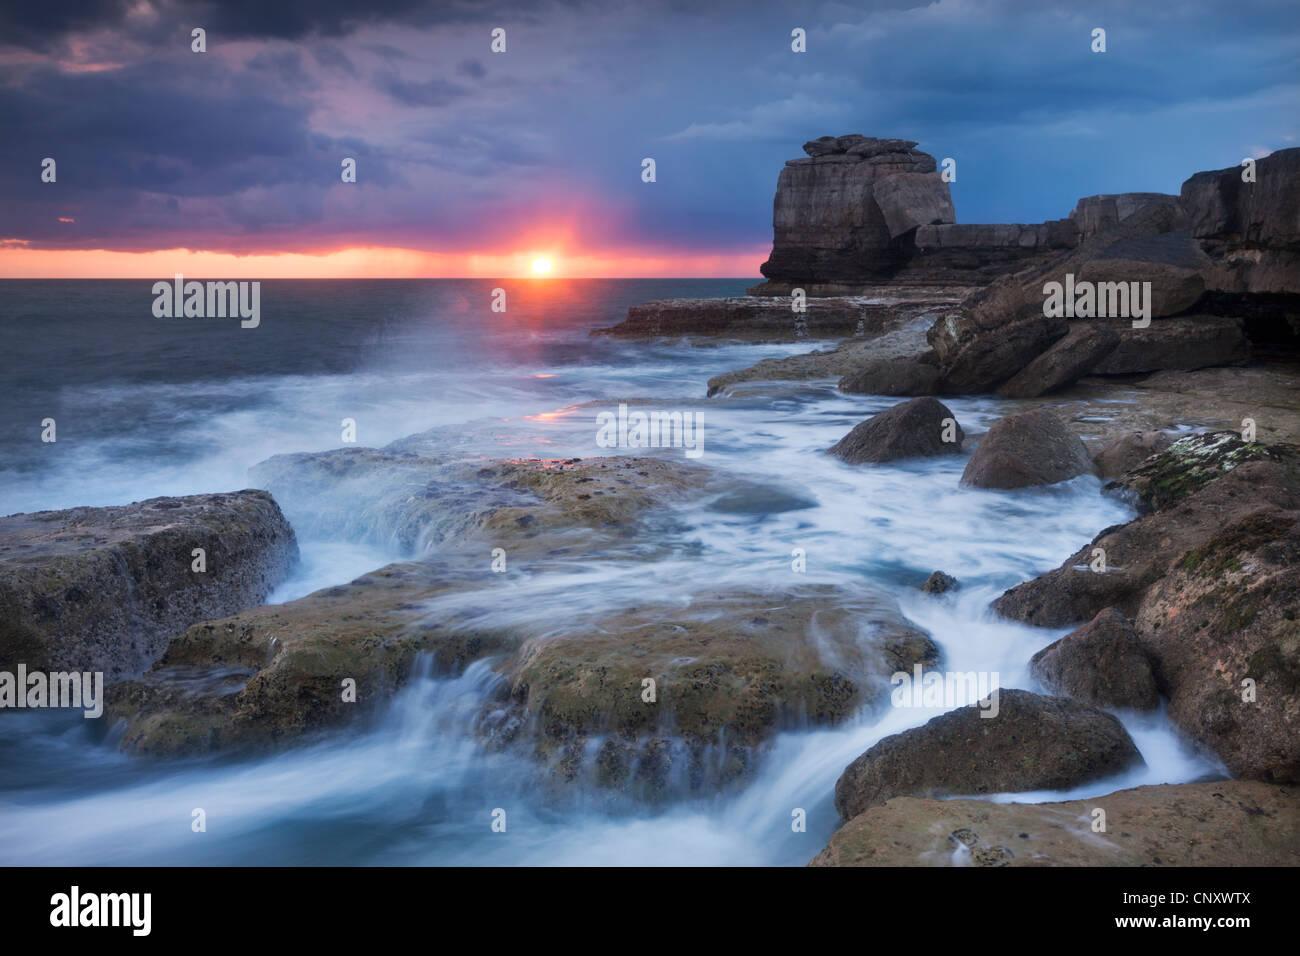 Le onde rompono oltre la costa rocciosa di Portland Bill, isola di Portland, Dorset, Inghilterra. Molla (aprile Immagini Stock